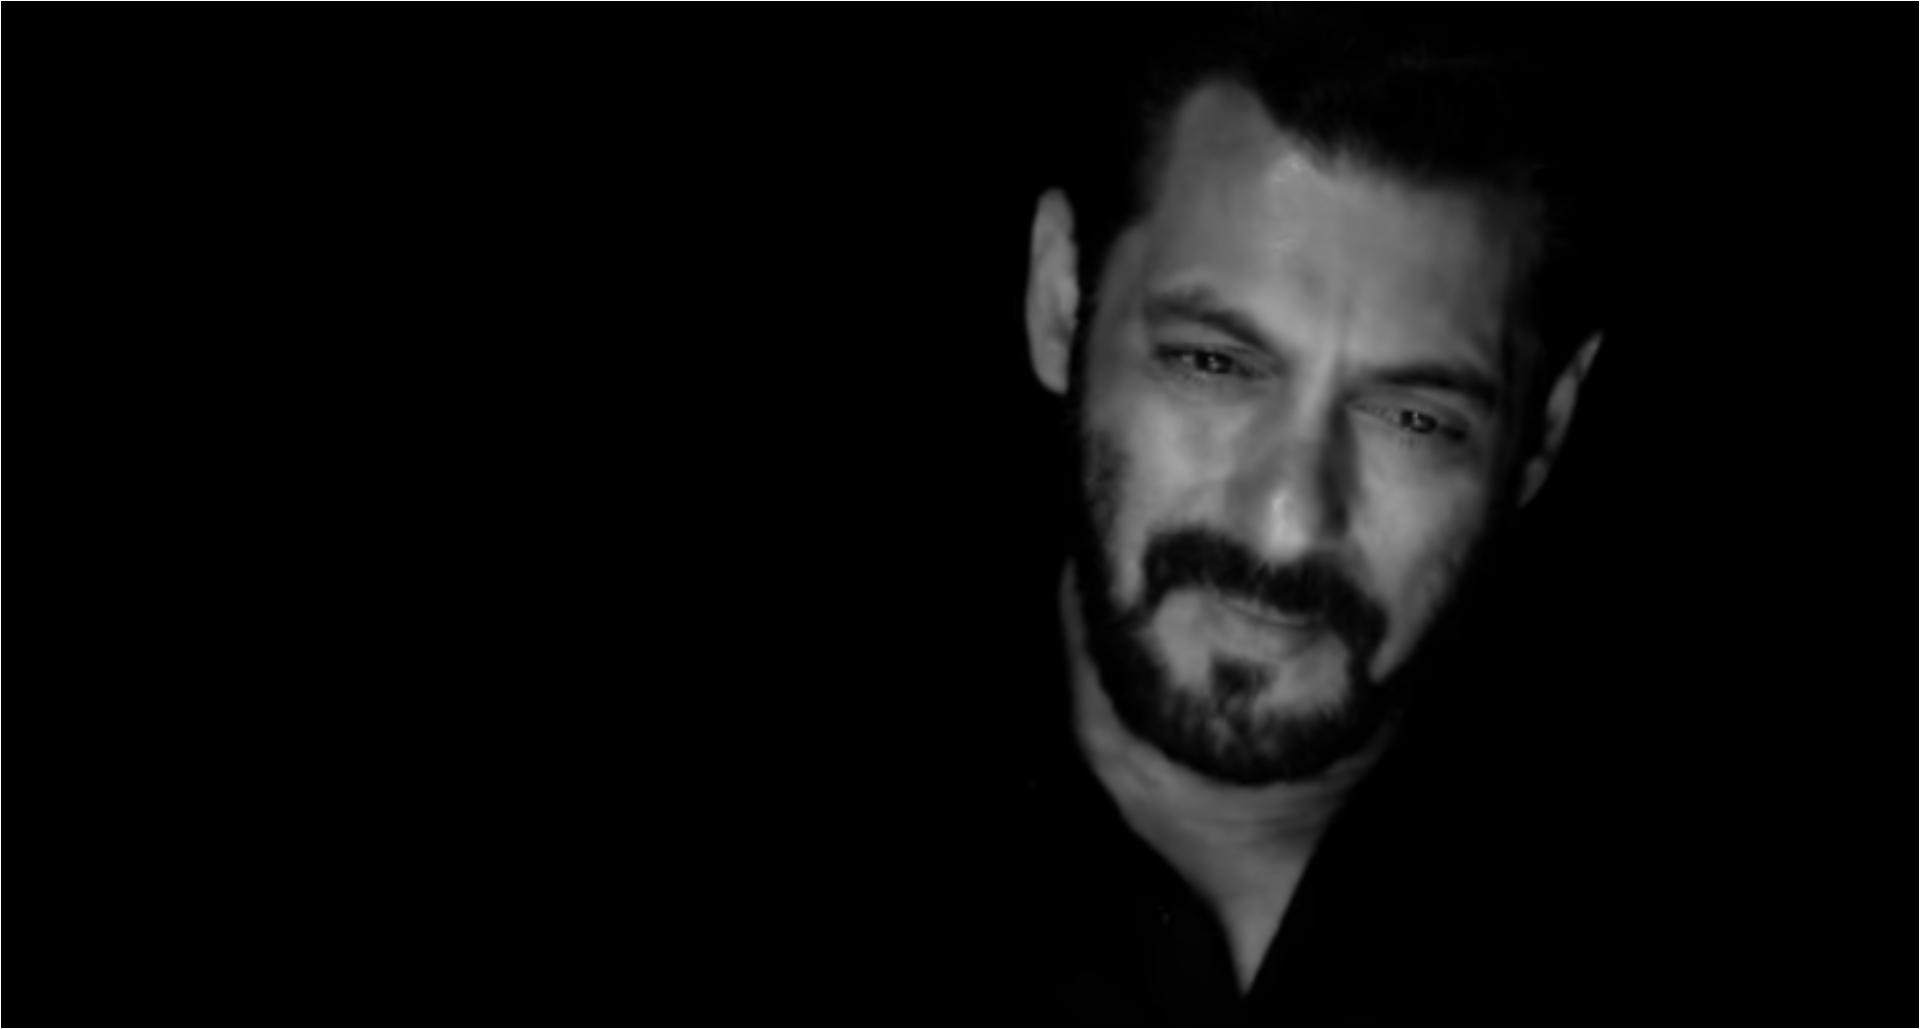 सलमान खान ने अपने फैन्स को दी अलग अंदाज़ में स्वतंत्रता दिवस की शुभकामनाएं, देखिये वीडियो!